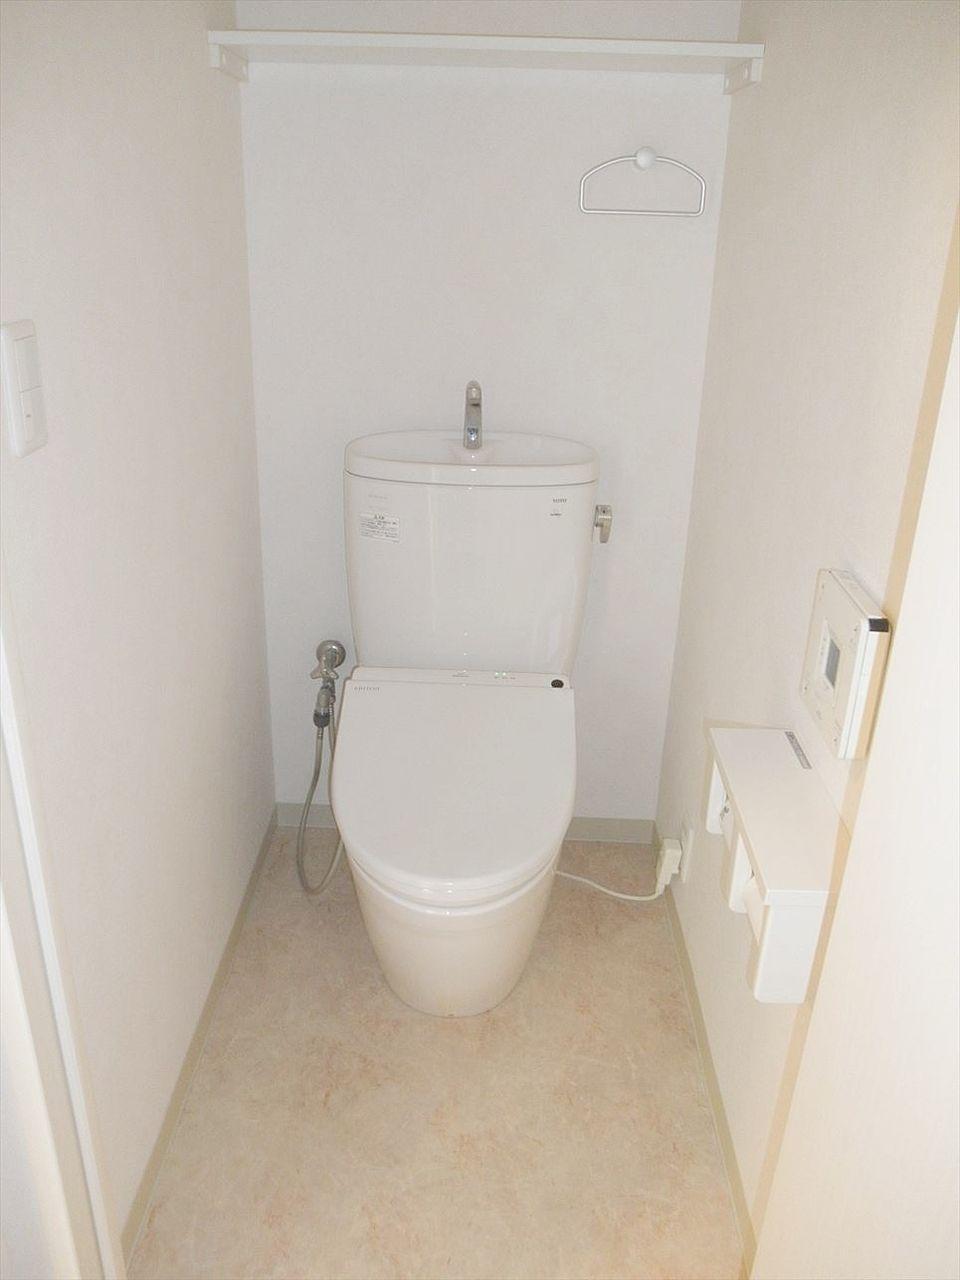 アゼリア青新ビル903号室のトイレです。バス・トイレ別でウォシュレットです